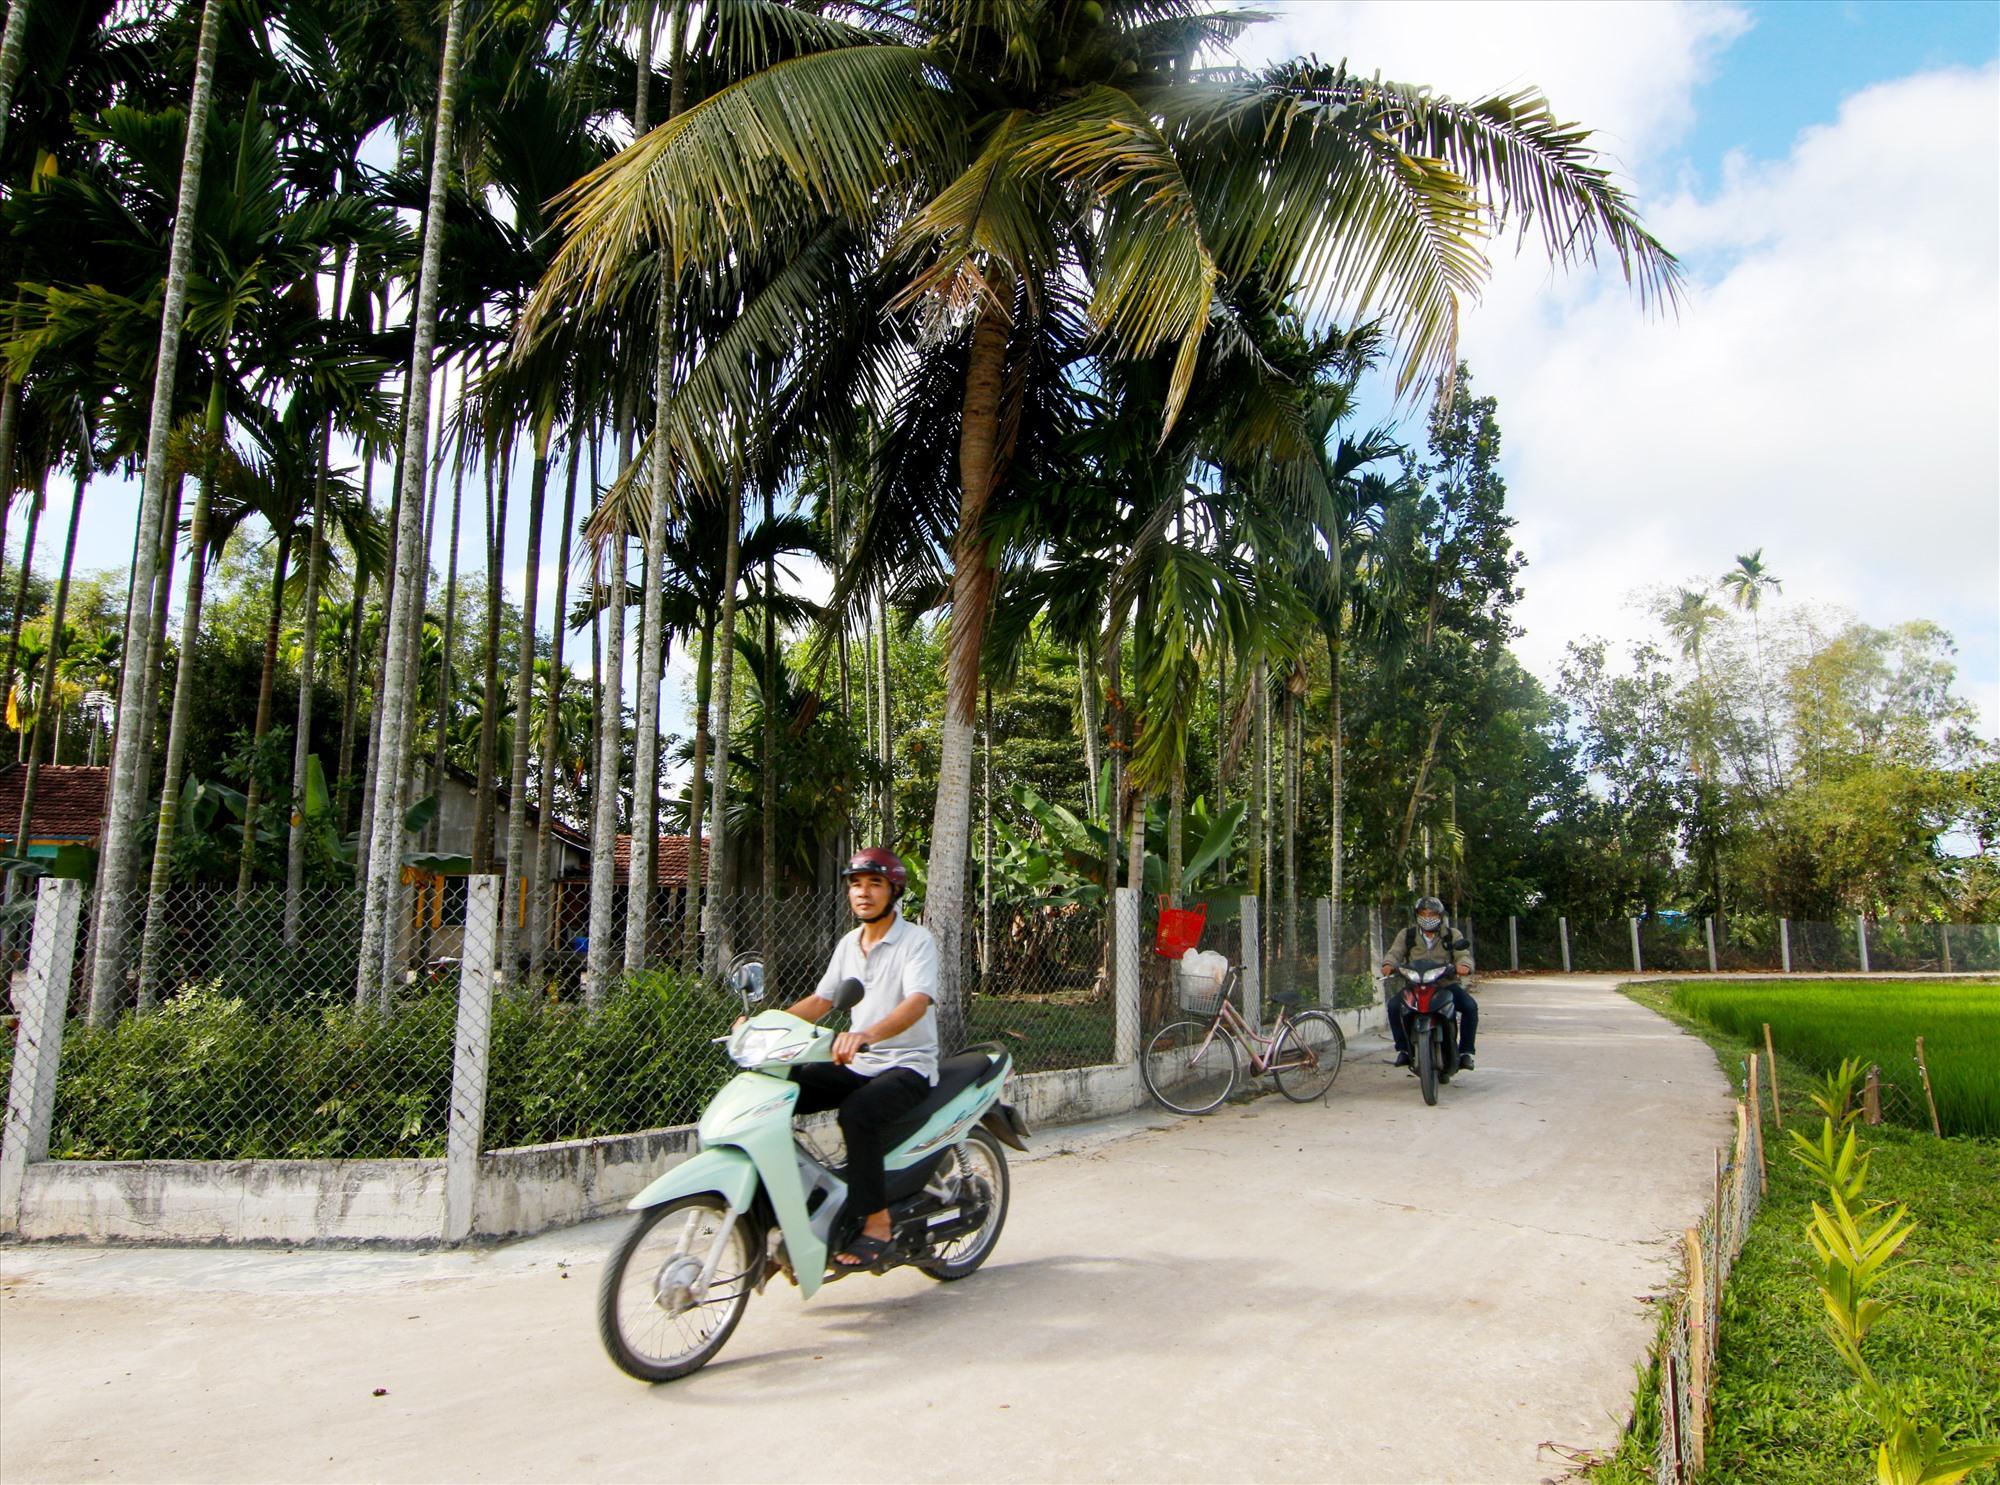 Diện mạo làng quê nông thôn mới Tam Xuân 2 ngày càng khởi sắc. Ảnh: C.Đ